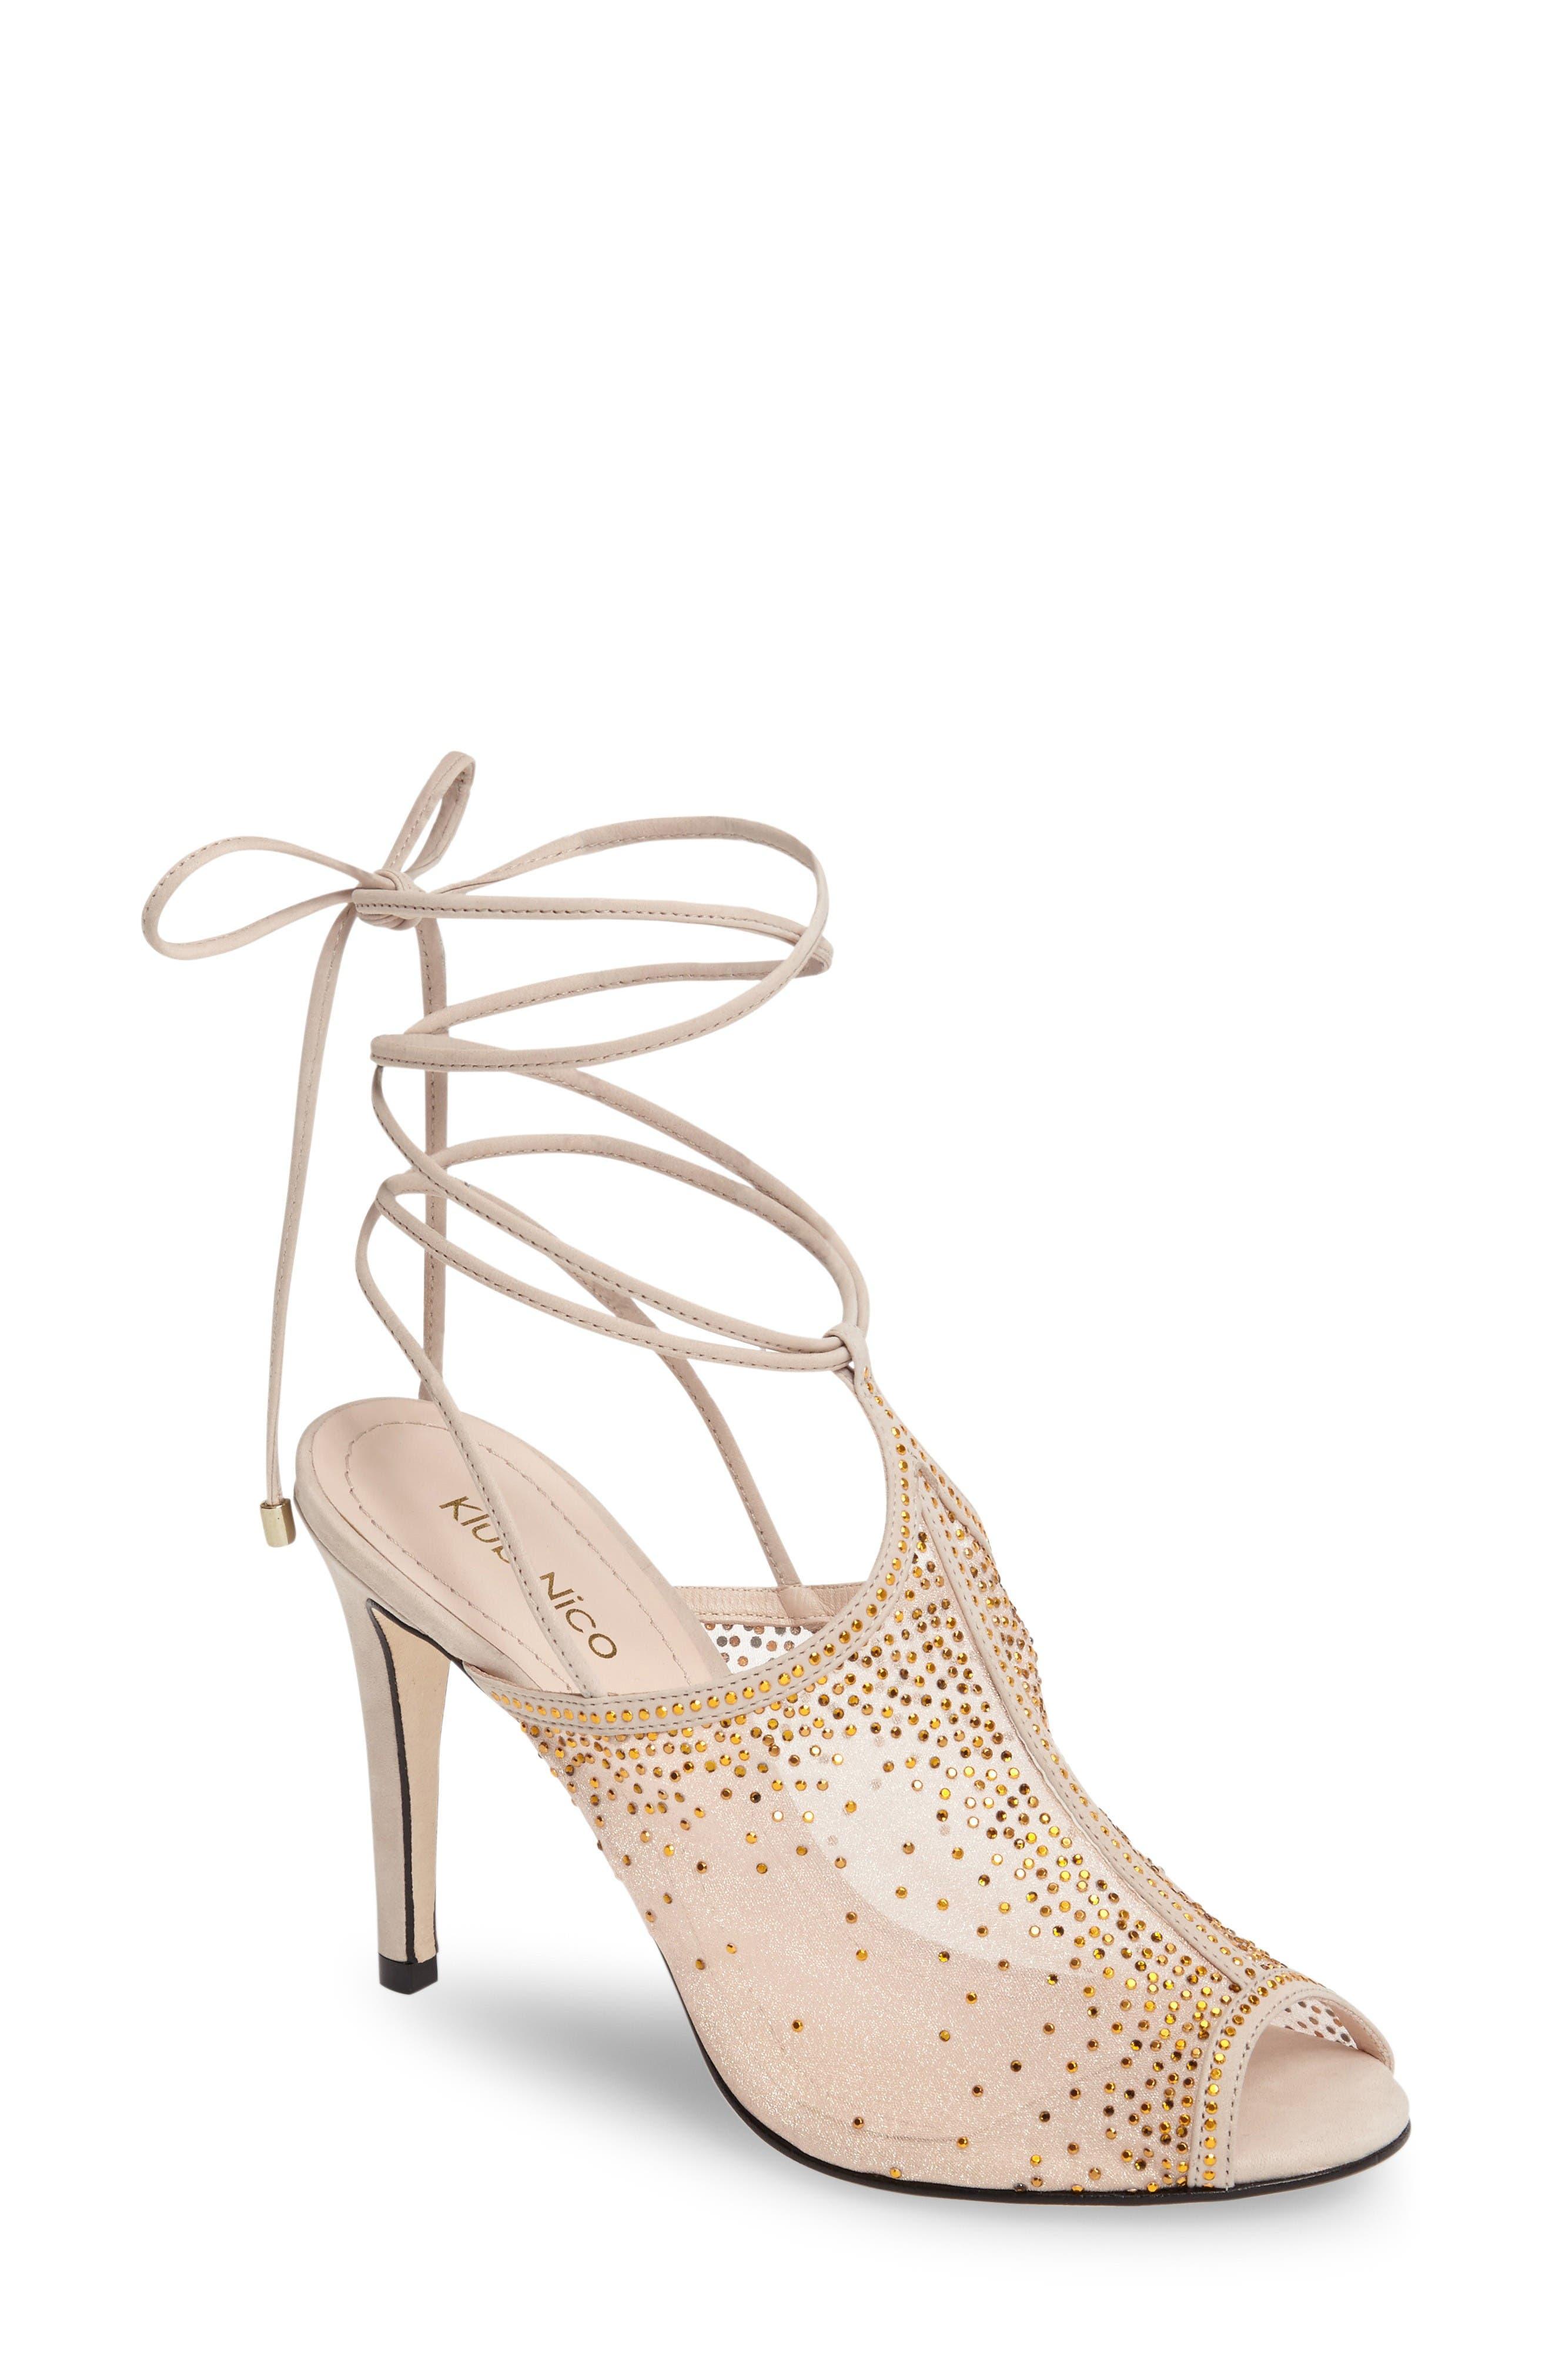 KLUB NICO Margeaux Embellished Wraparound Sandal